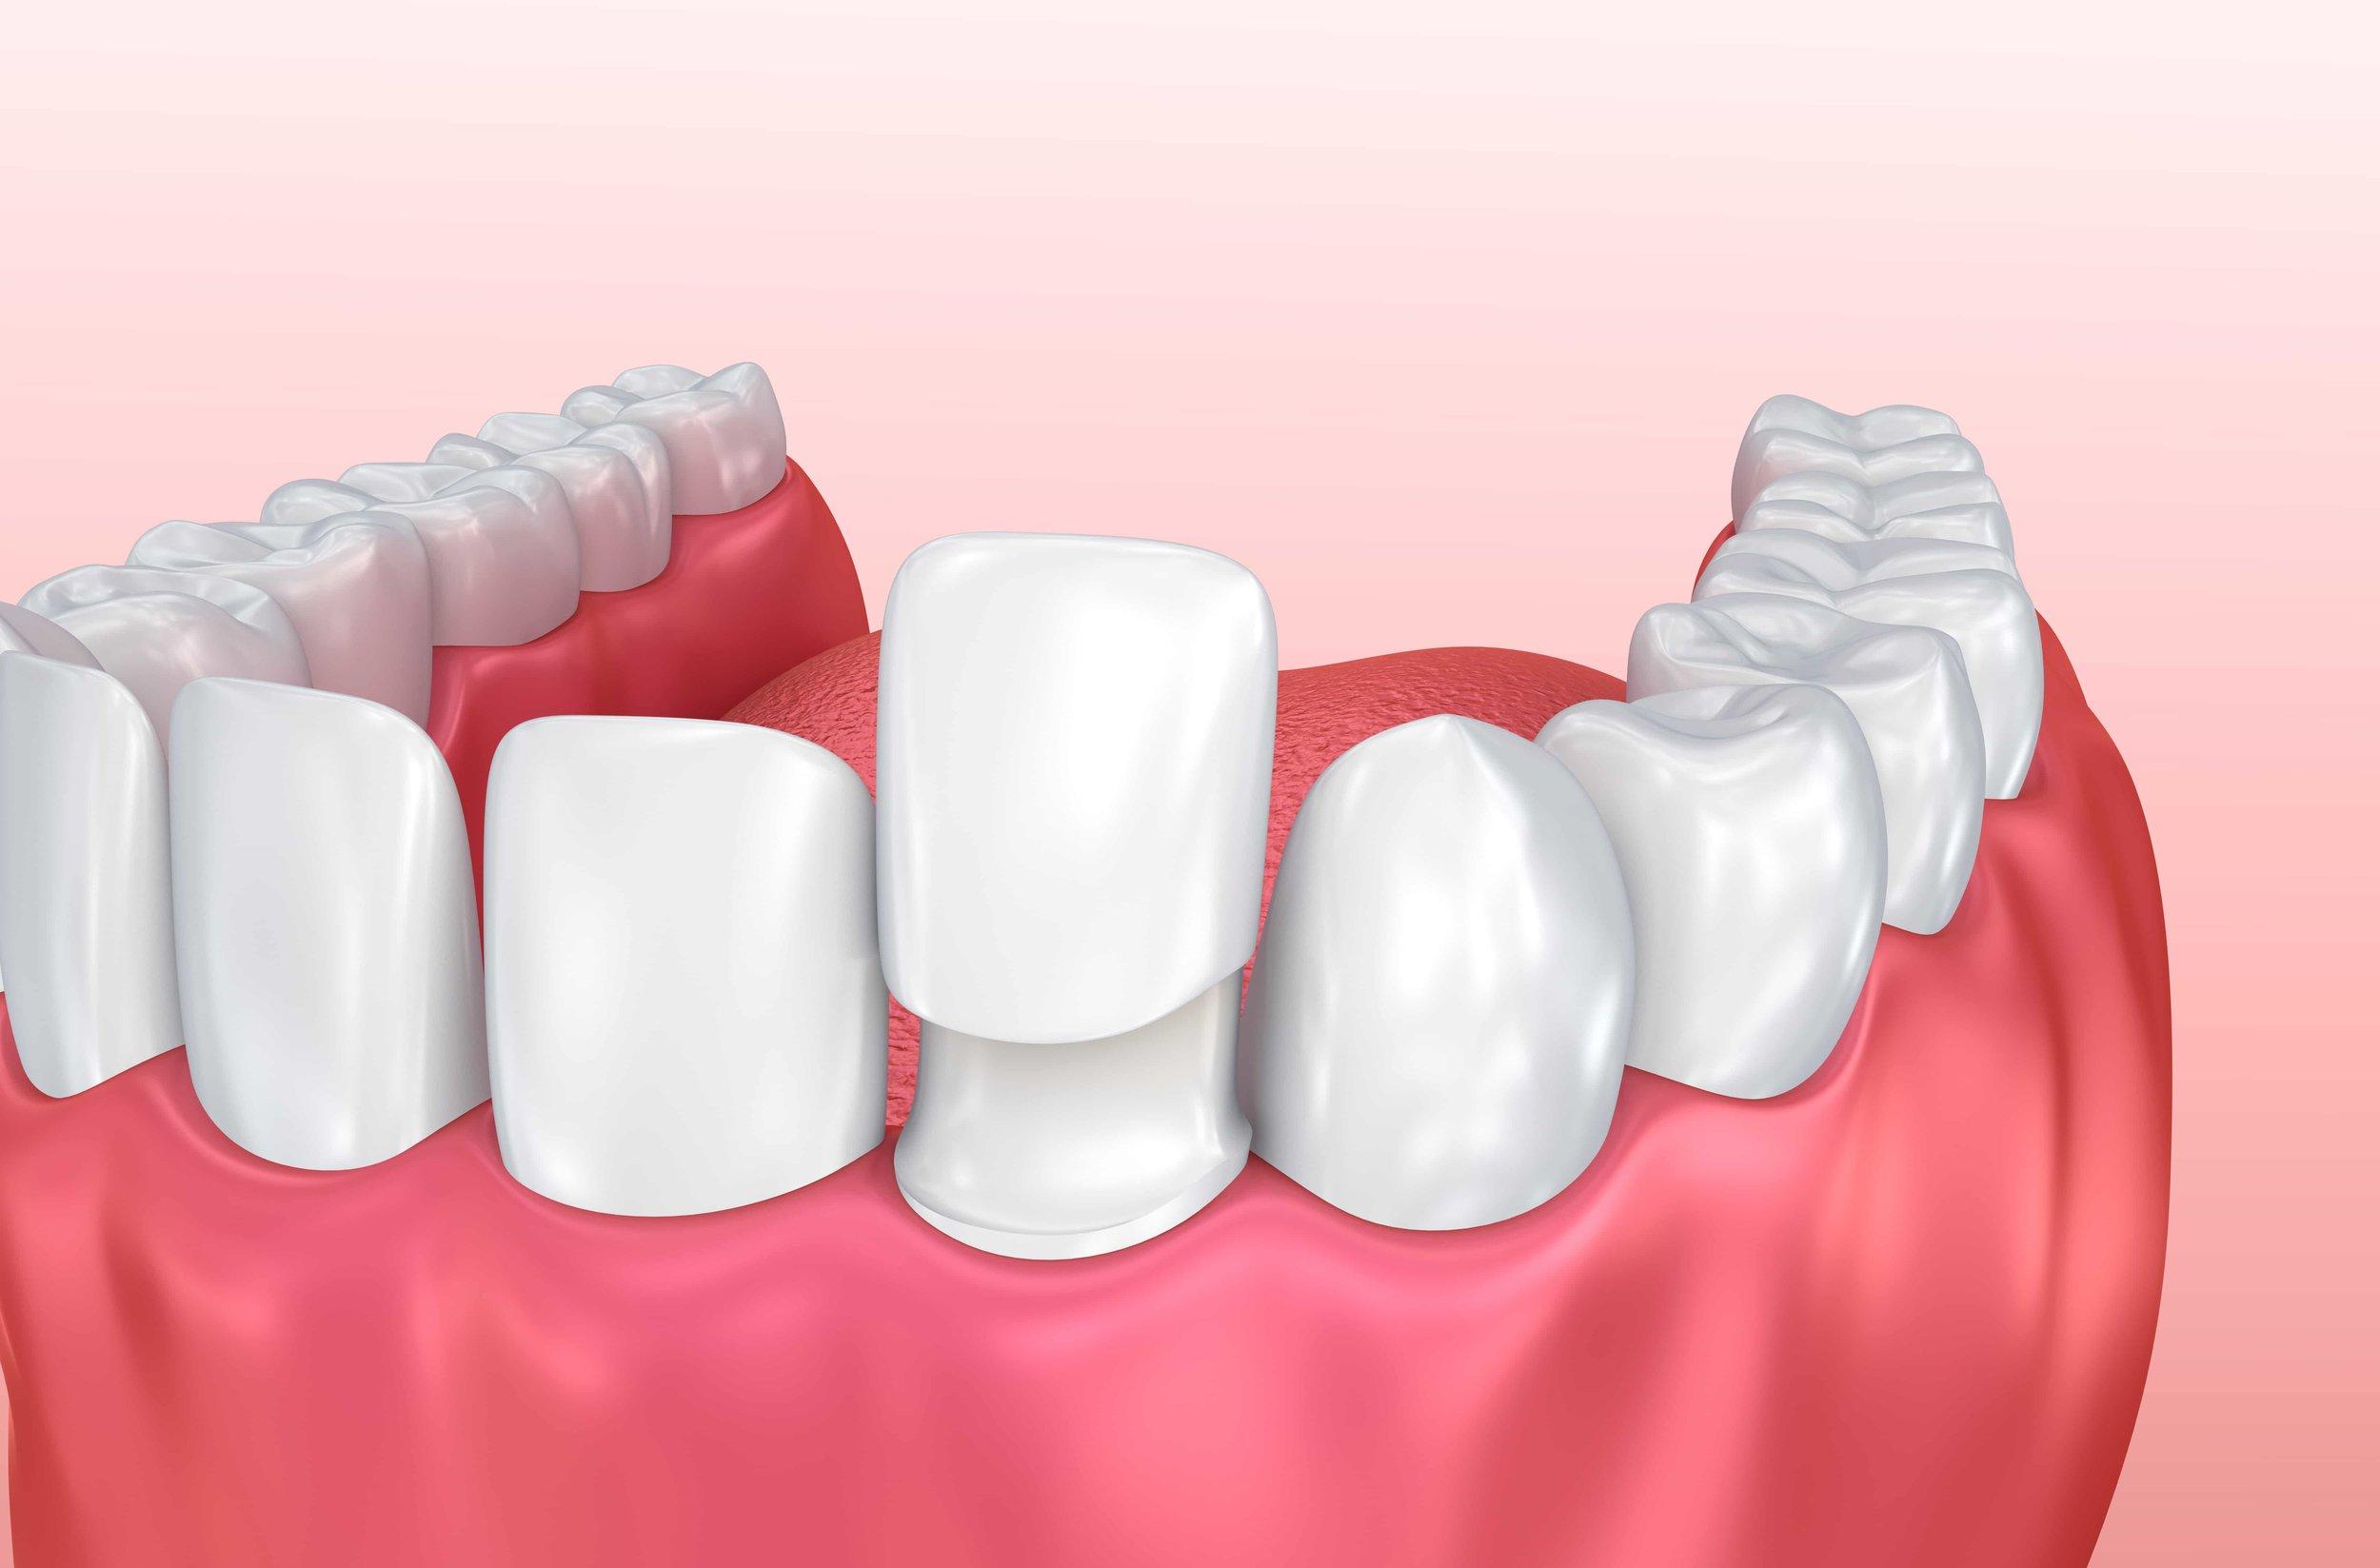 3-Benefits-of-Custom-Porcelain-Veneers.jpeg